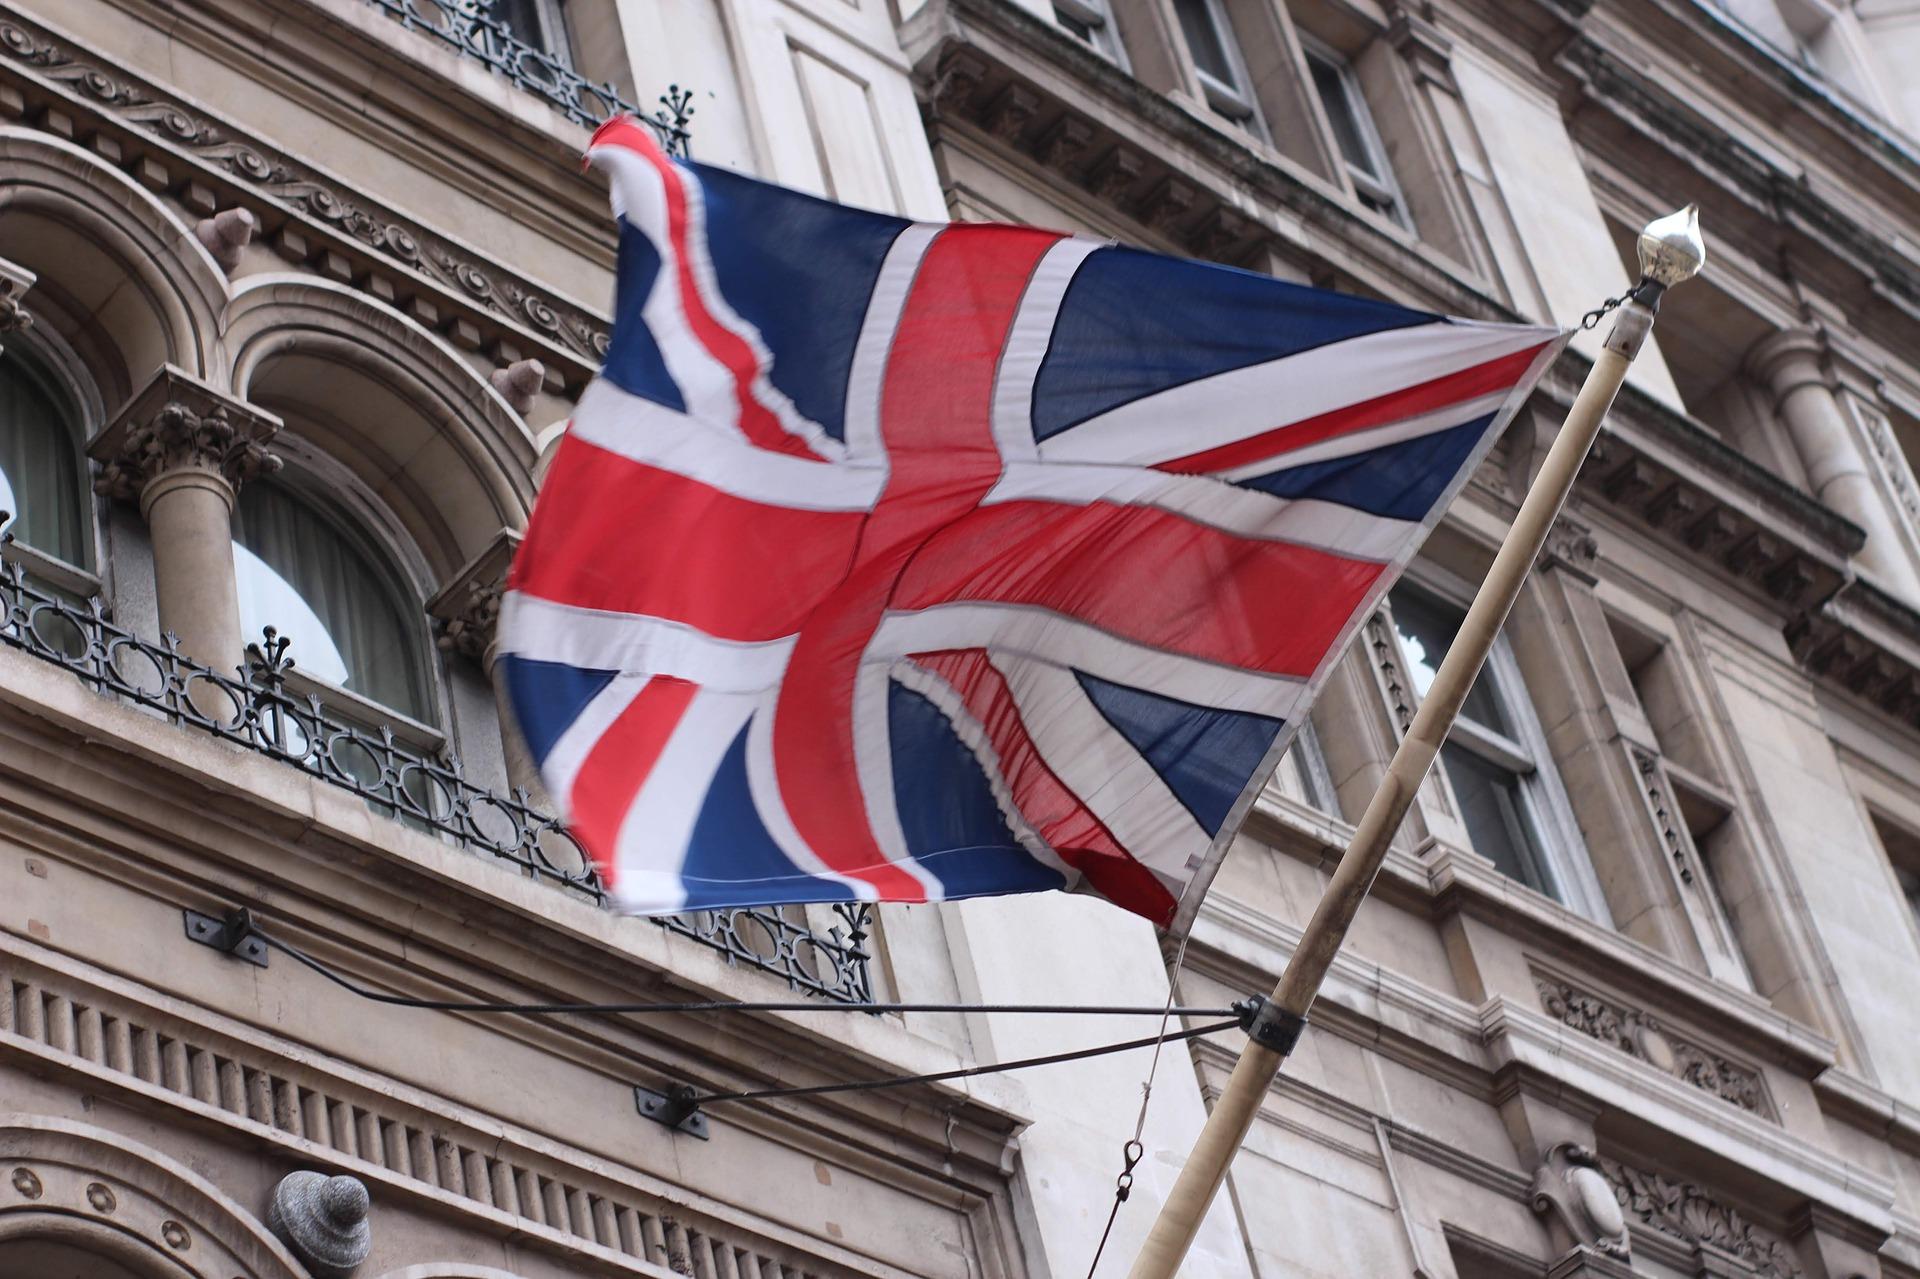 Великобритания призовёт Совет ООН по правам человека оценить ситуацию в России и Белоруссии